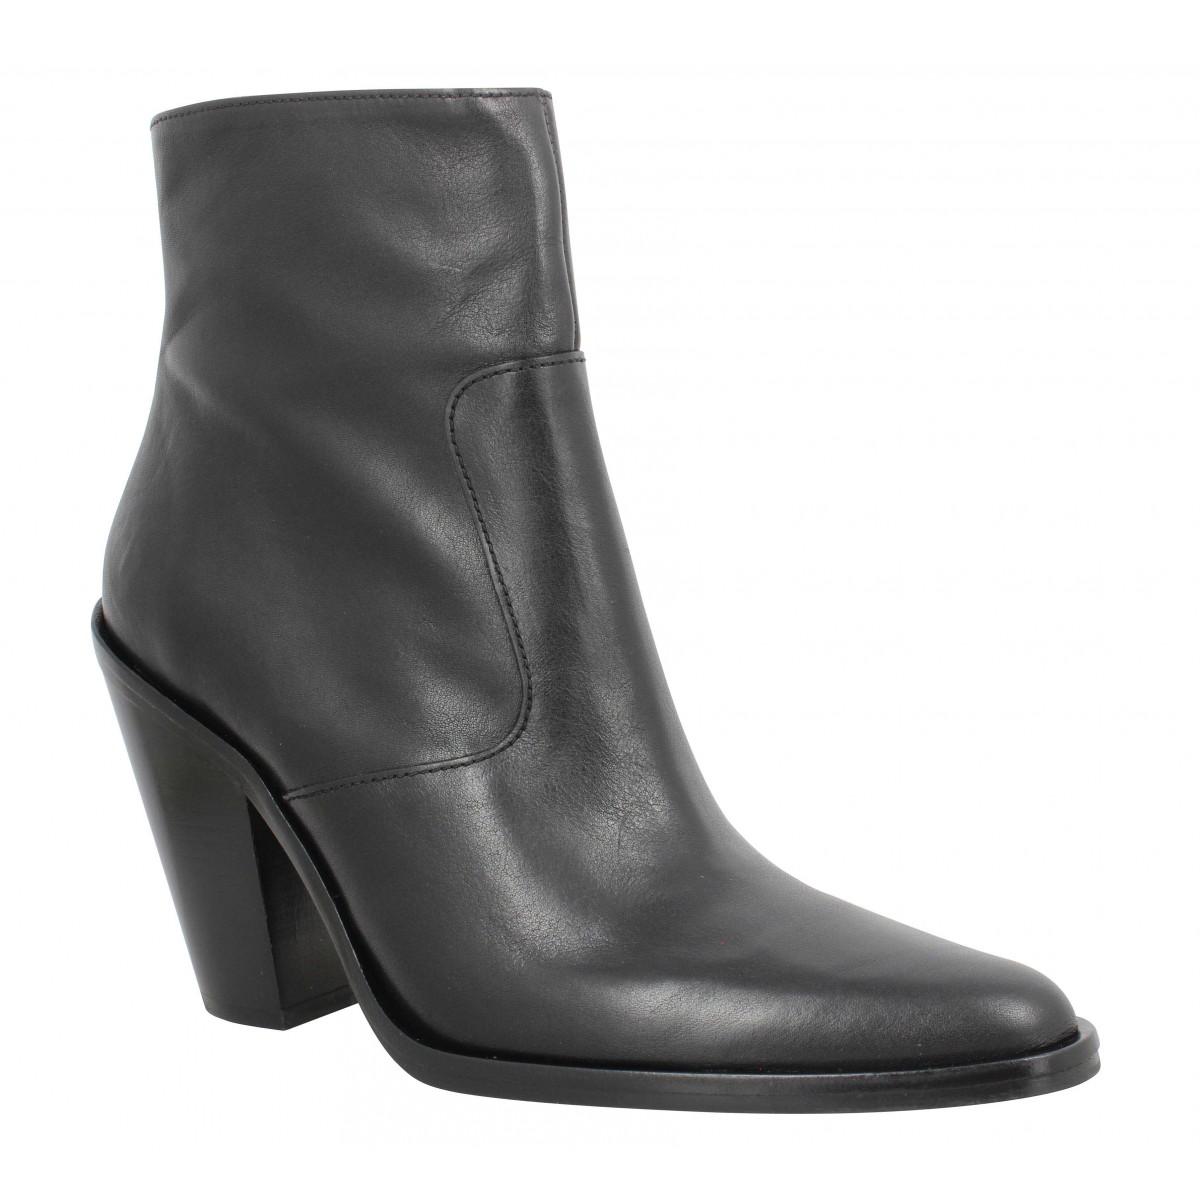 Cuir Jane Vegetal 9 Femme Zip Boot Noir Free Lance 7y6YgvIbf